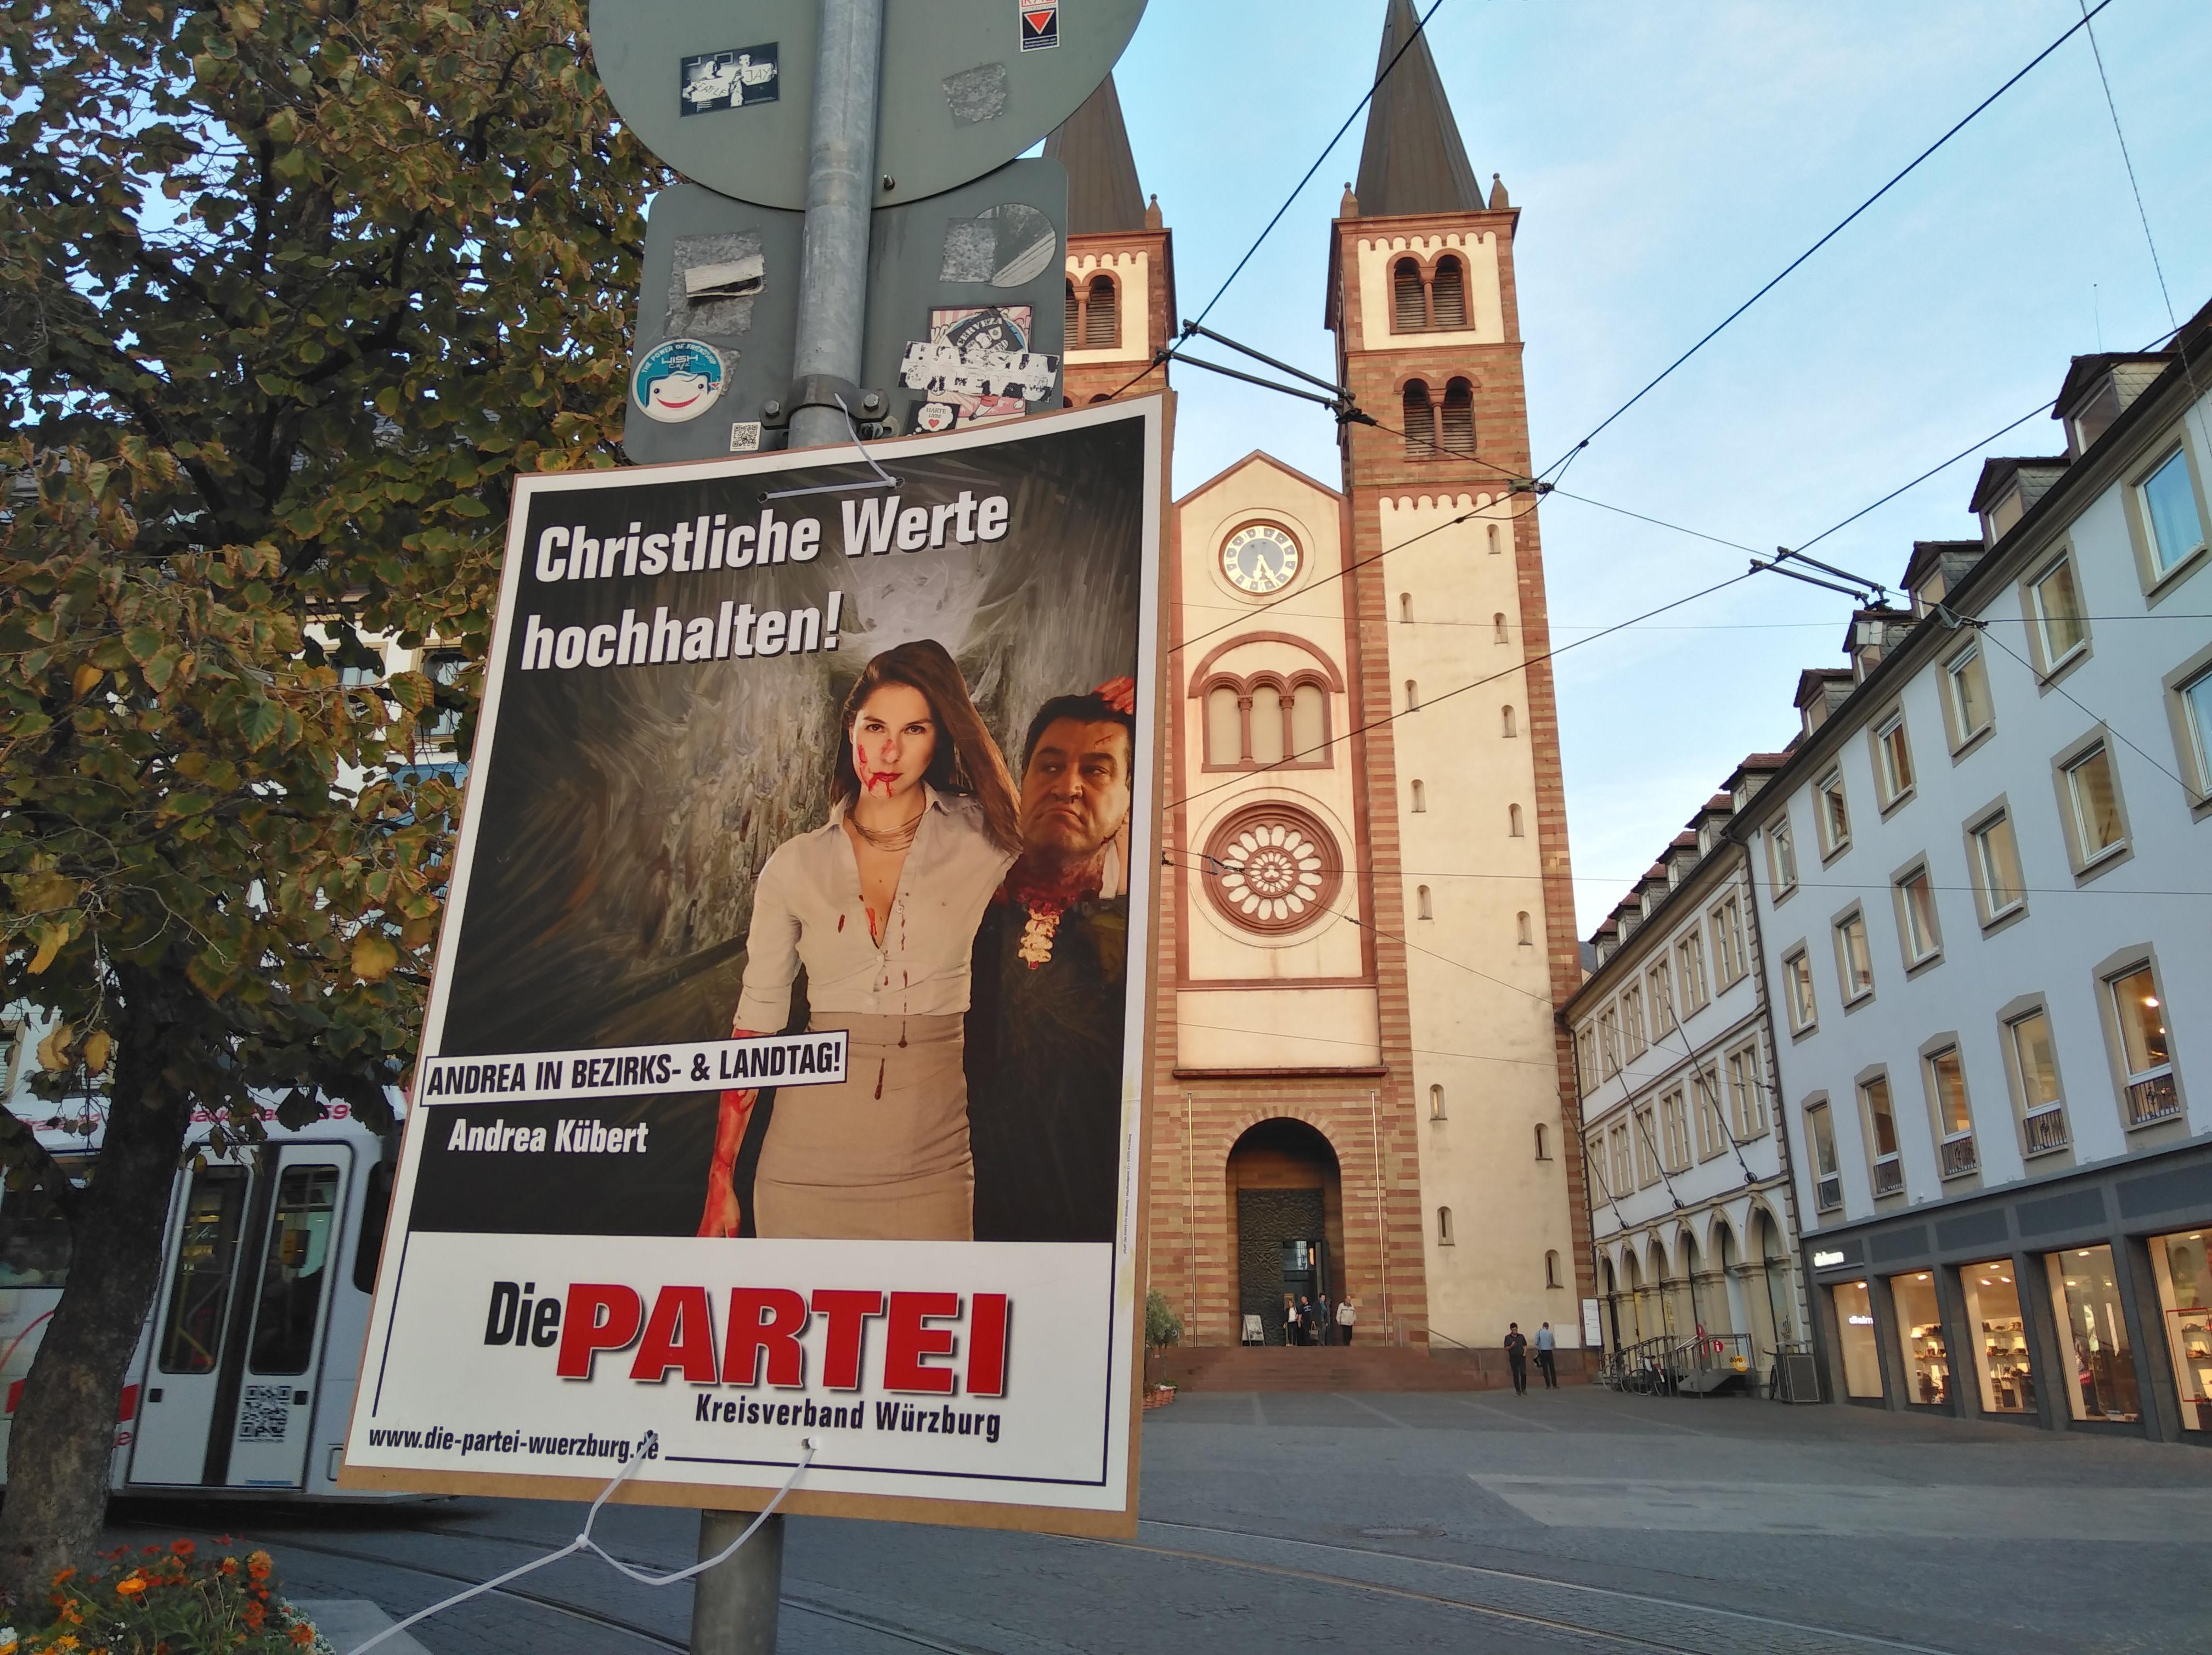 https://www.br.de/nachrichten/bayern/csu-wehrt-sich-gegen-wahlplakat-von-satirepartei,R5uNHRV